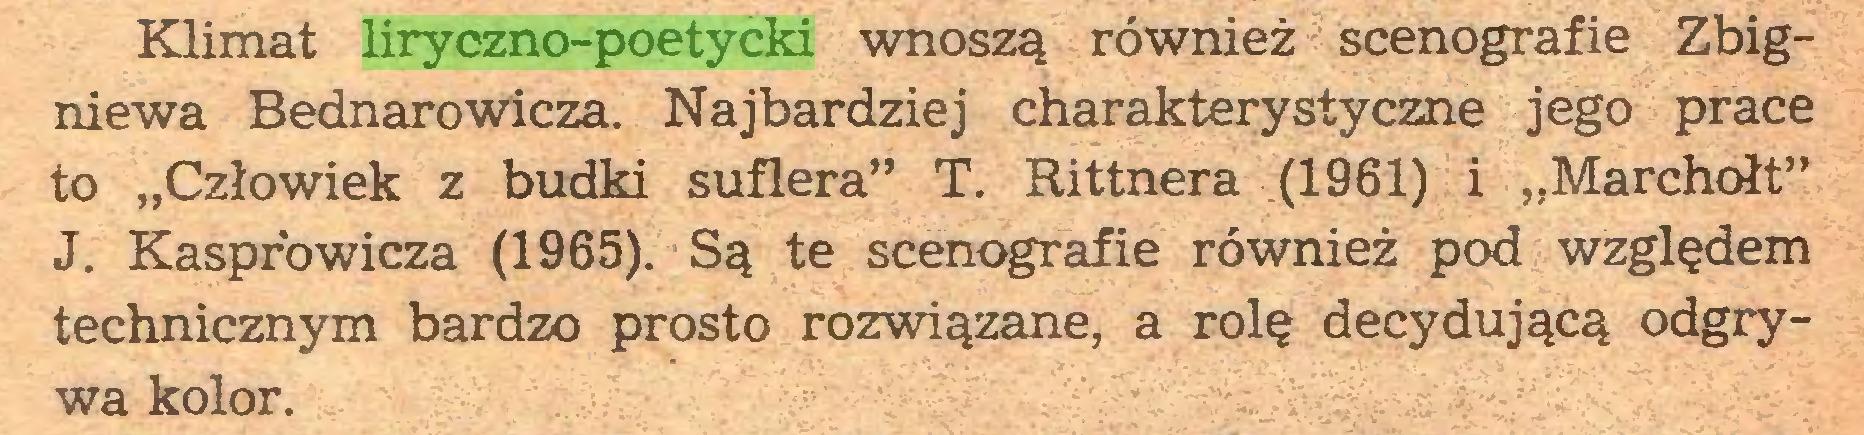 """(...) Klimat liryczno-poetycki wnoszą również scenografie Zbigniewa Bednarowicza. Najbardziej charakterystyczne jego prace to """"Człowiek z budki suflera"""" T. Rittnera (1961) i """"Marchołt"""" J. Kasprowicza (1965). Są te scenografie również pod względem technicznym bardzo prosto rozwiązane, a rolę decydującą odgrywa kolor..."""